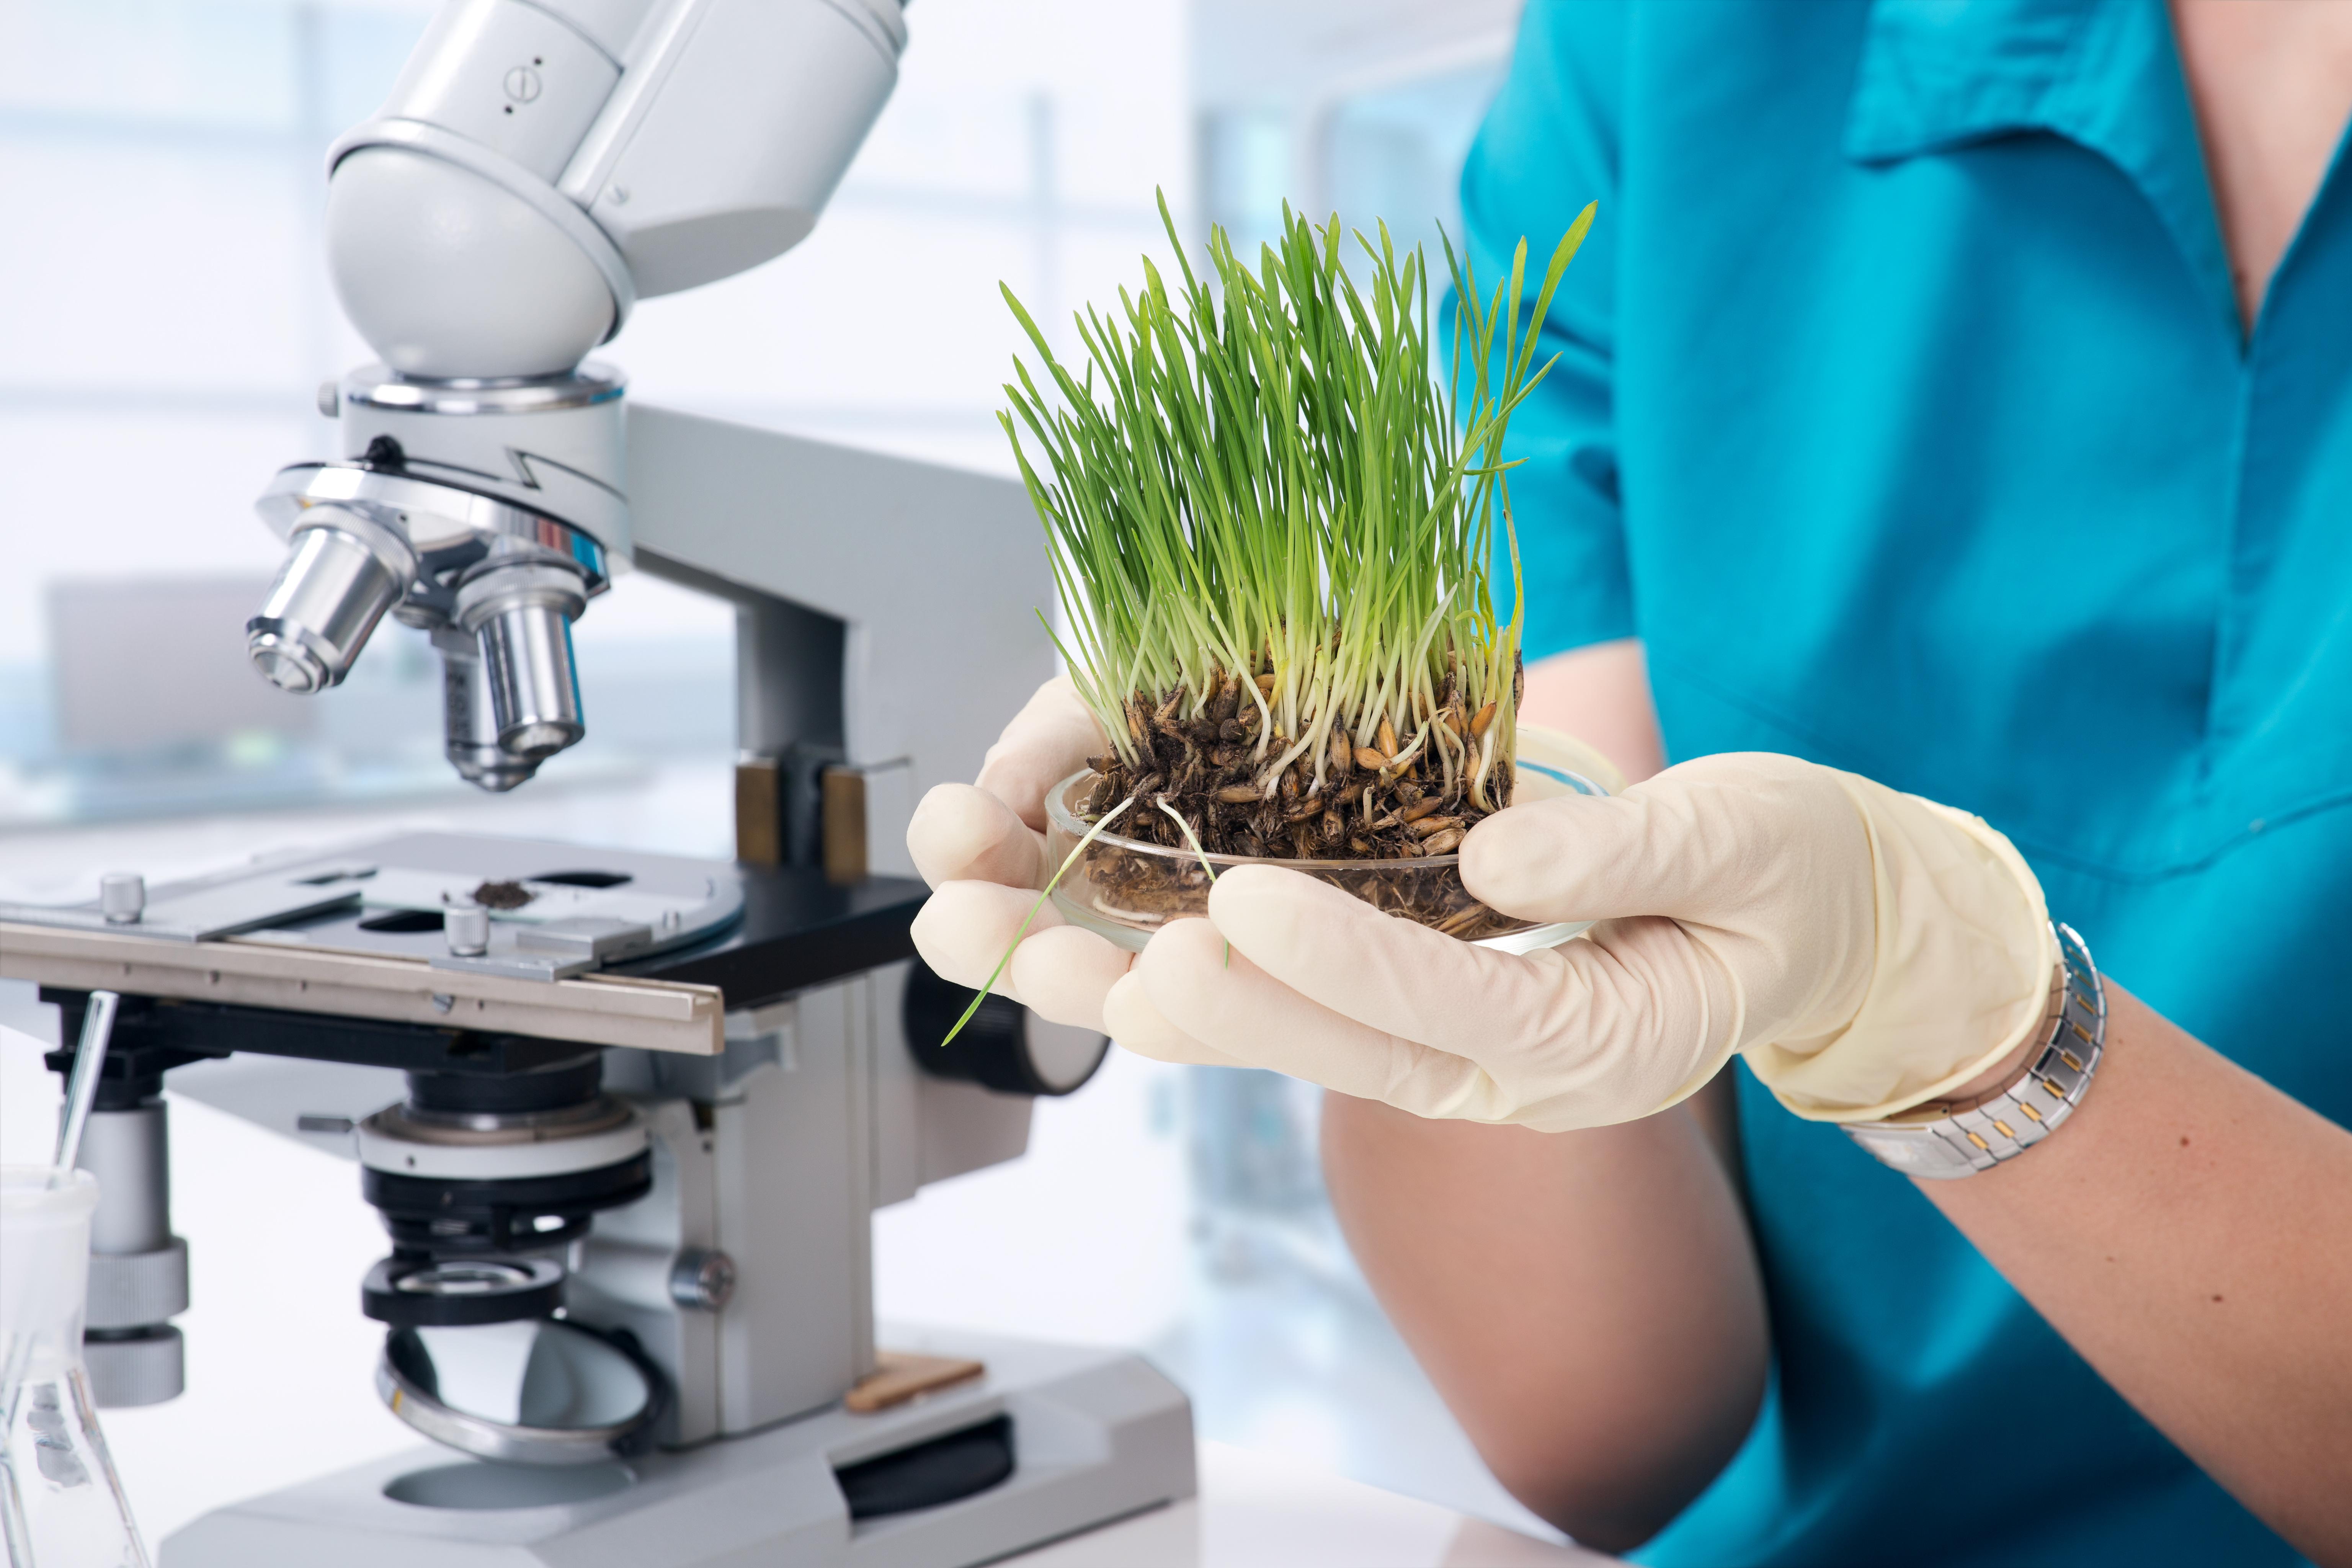 Zelený ječmen, pěstování v laboratoři